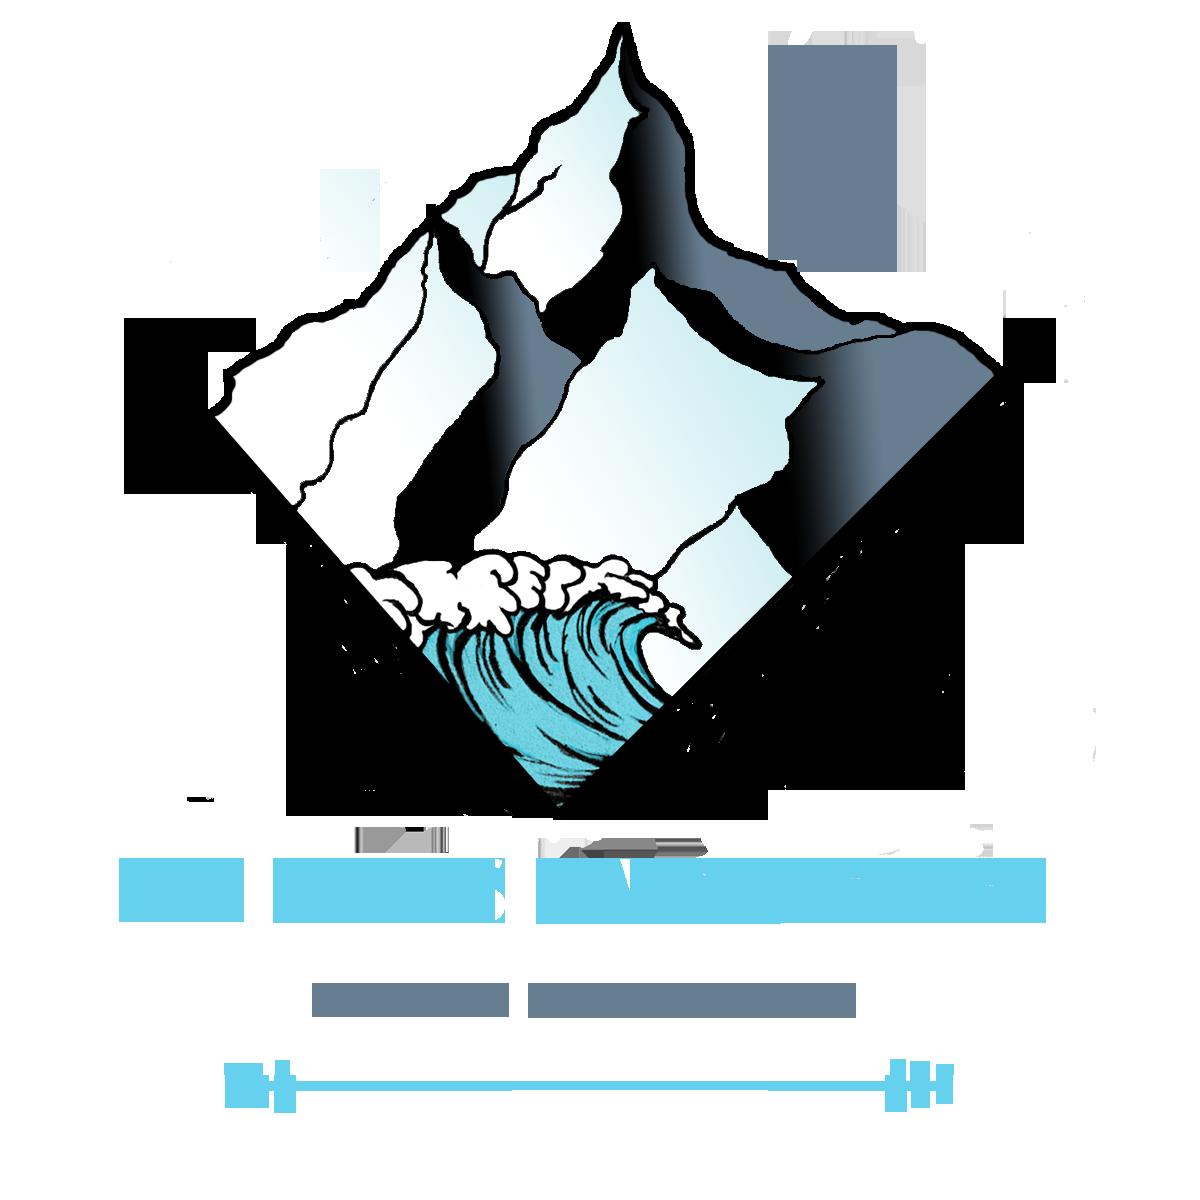 Peaks & Waves